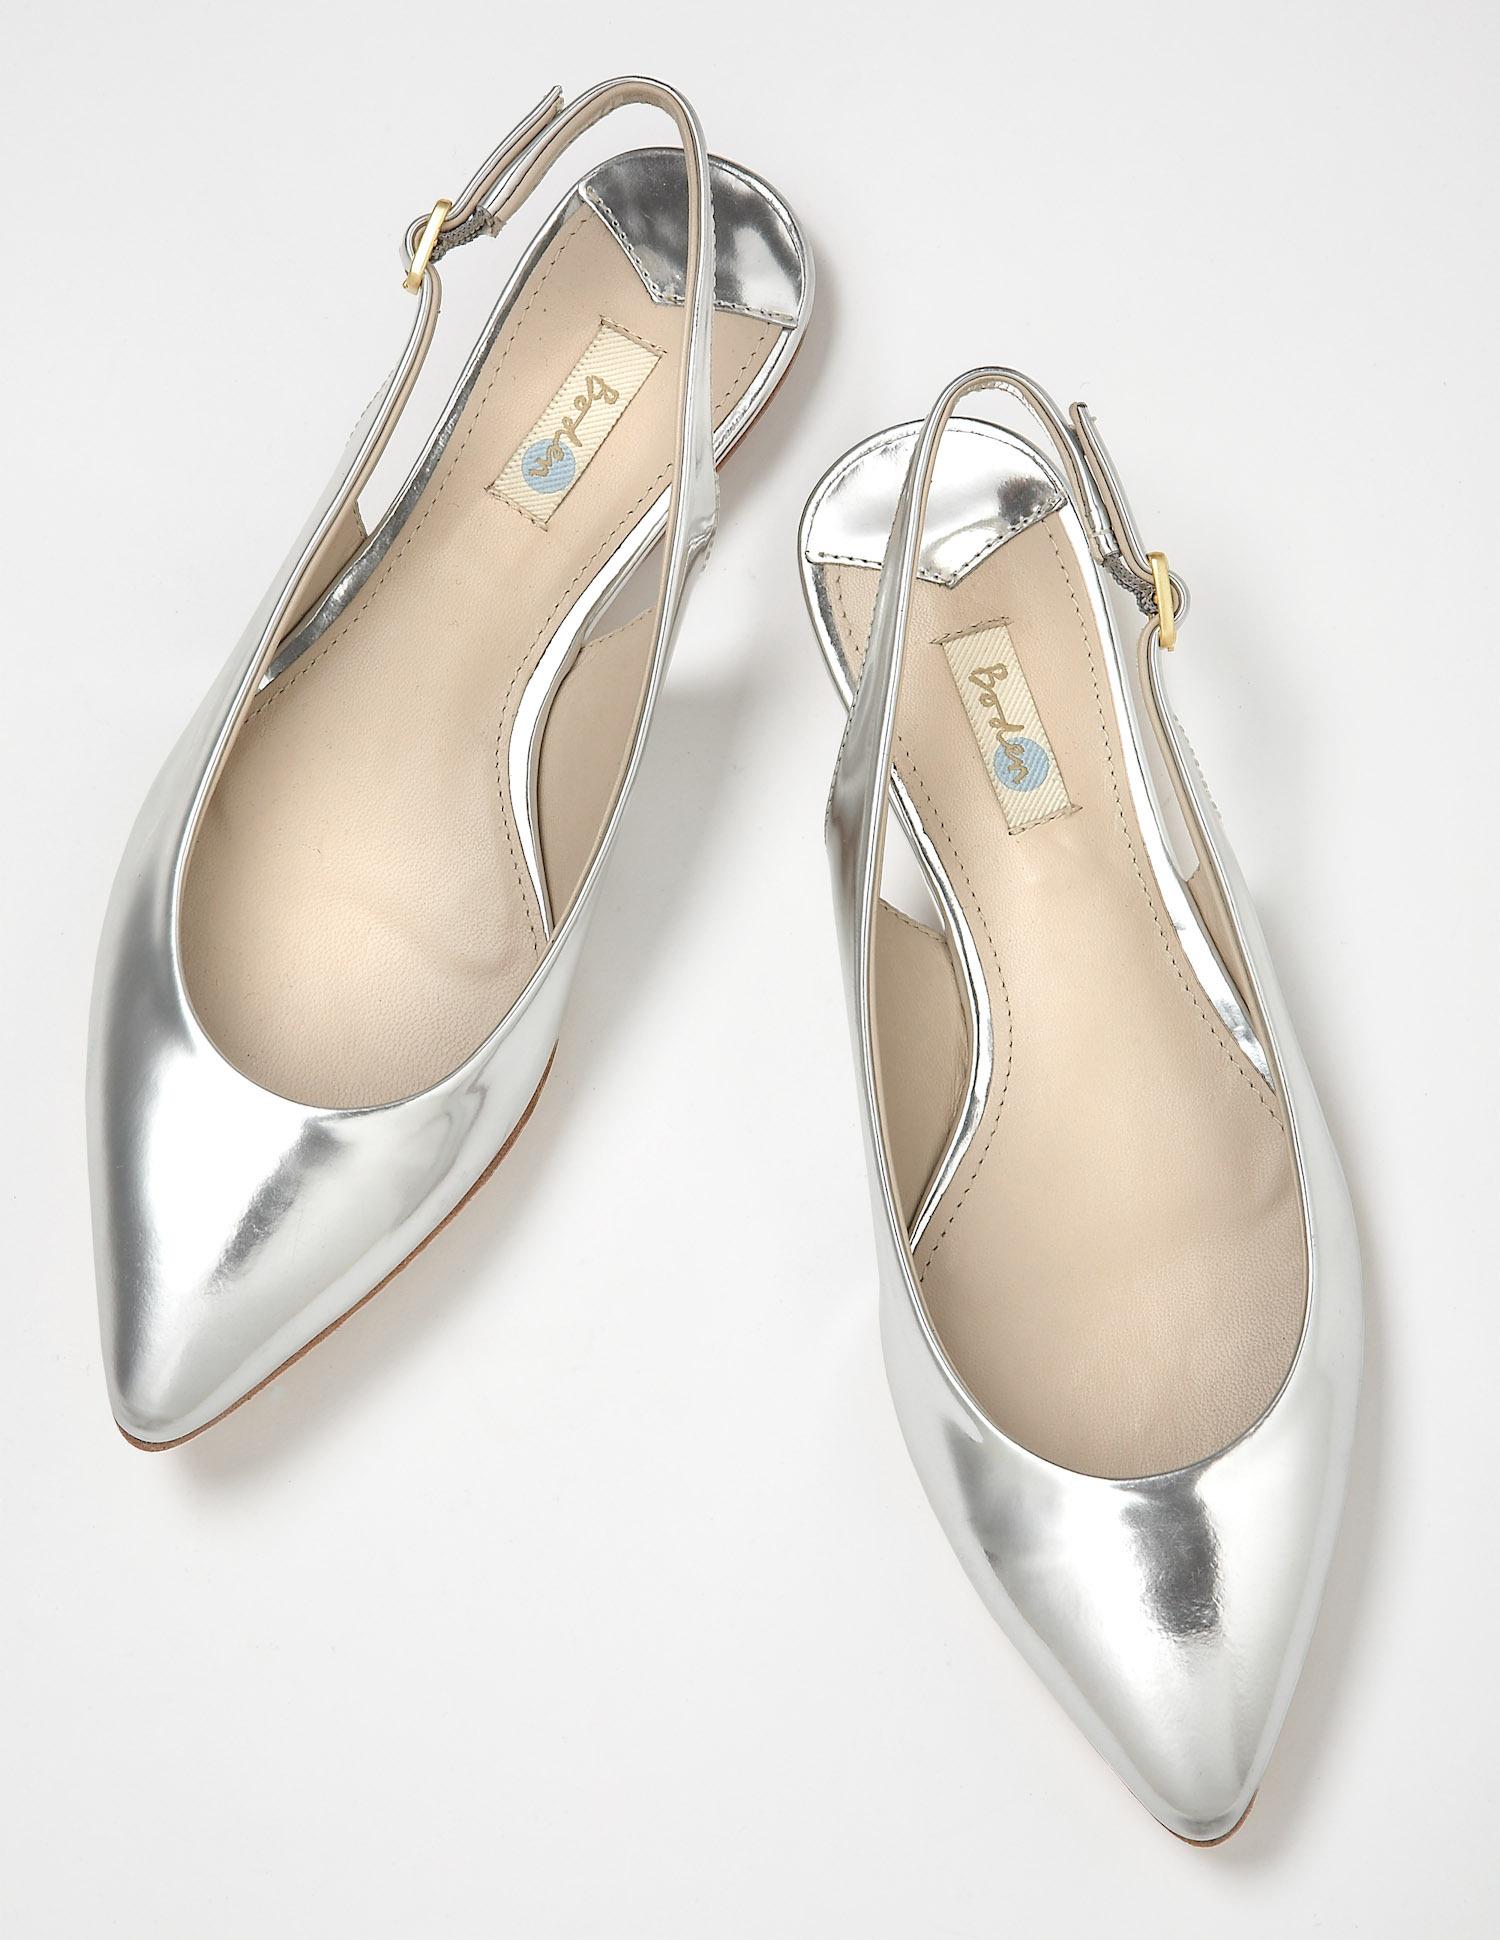 والاحذية Boden 2014 367987.jpg